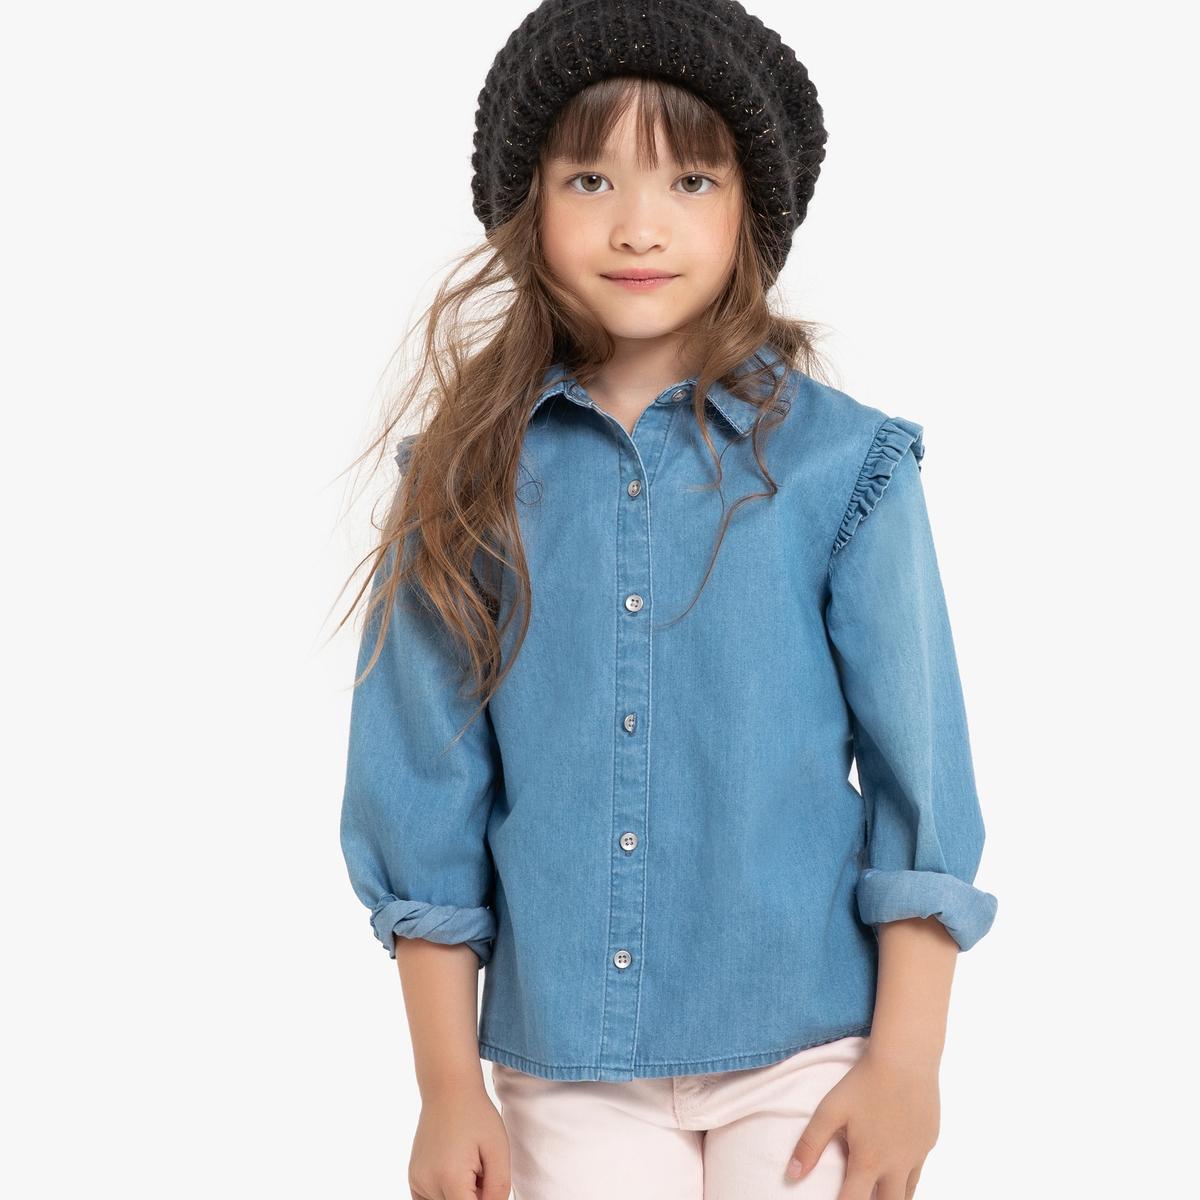 Рубашка La Redoute Джинсовая с воланами 8 лет - 126 см синий рубашка la redoute джинсовая узкая jjesheridan s синий